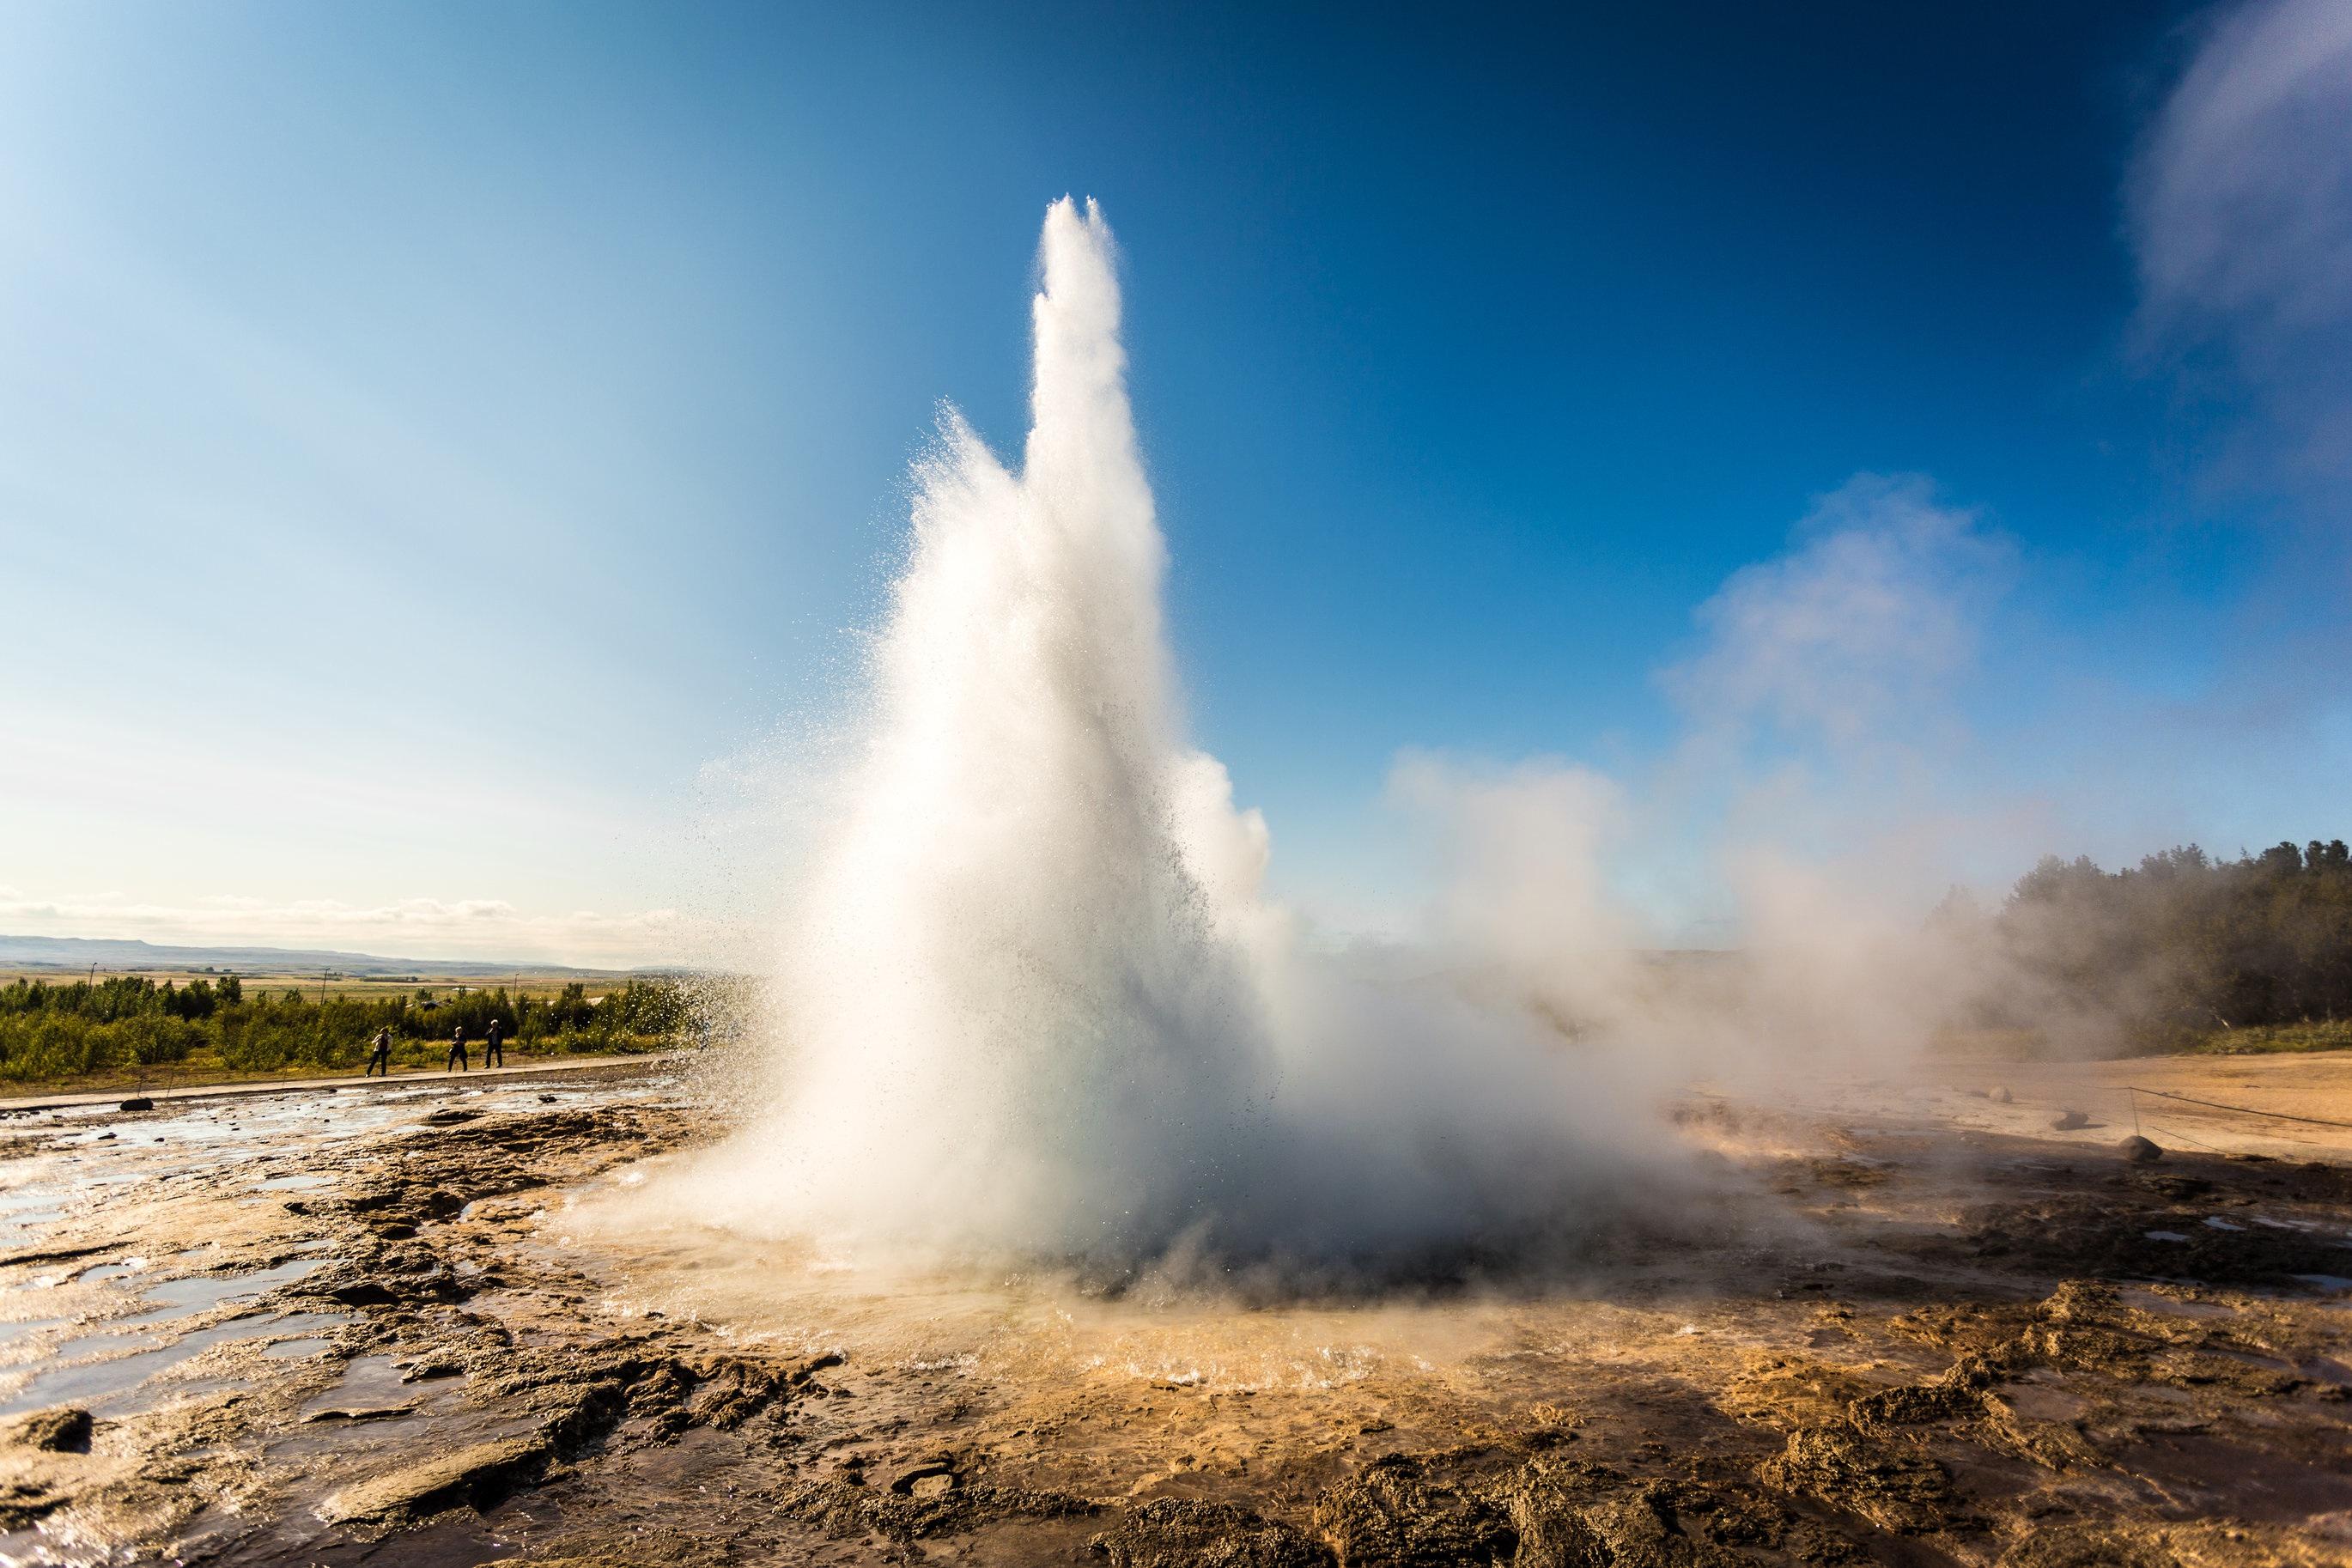 ทุกๆ 5-10 นาทีไกเซอร์สโทรคูร์จะปล่อยน้ำสูงขึ้นไปบนอากาศและสามารถสูงได้ถึง 40 เมตร (130 ฟุต).